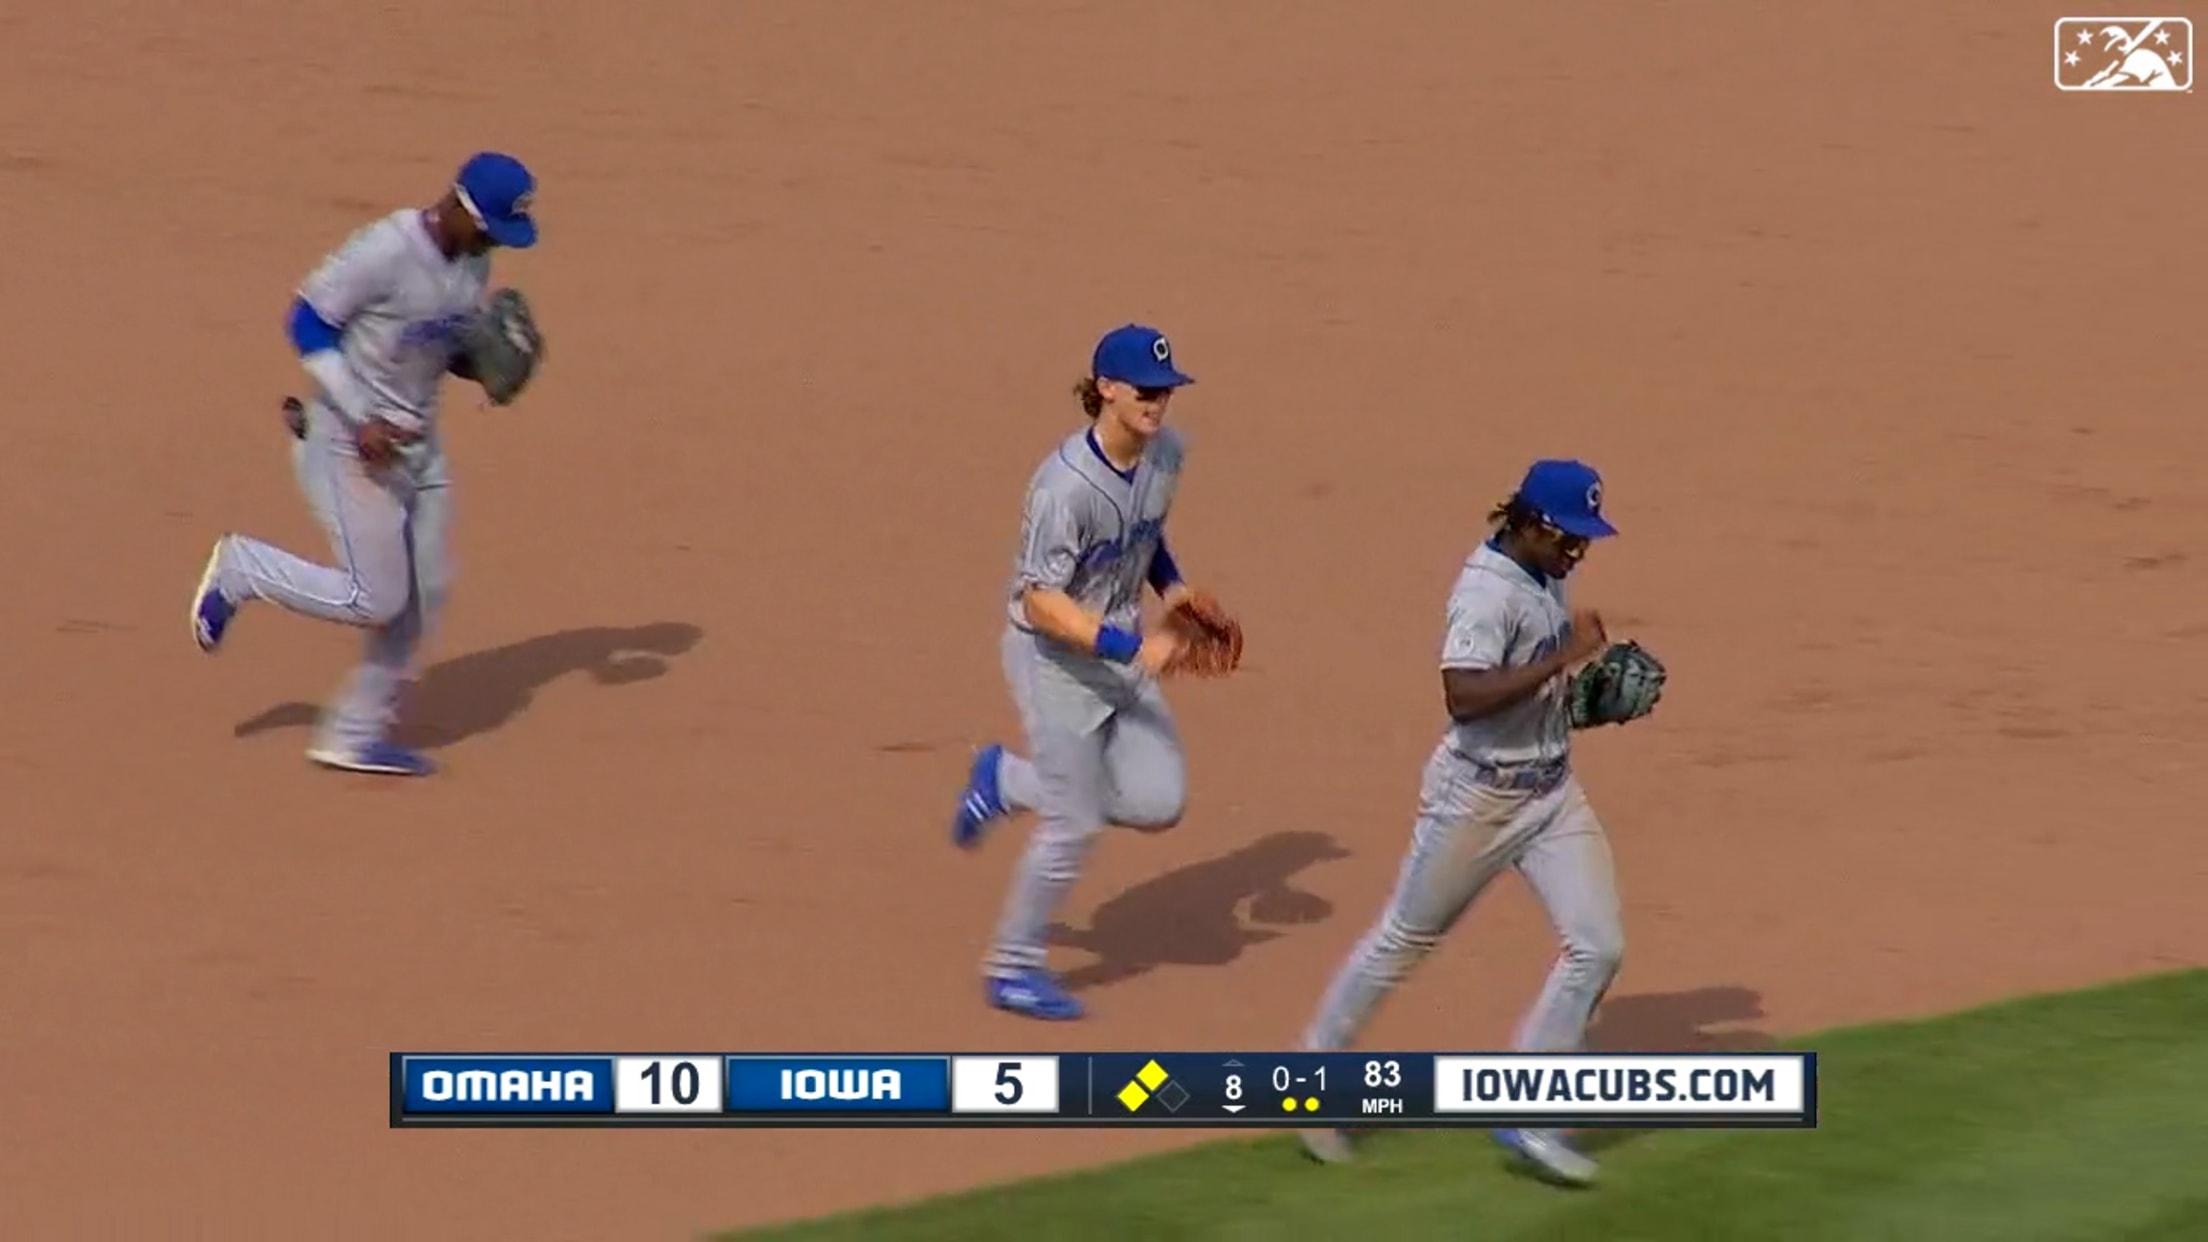 Witt Jr. makes tremendous catch